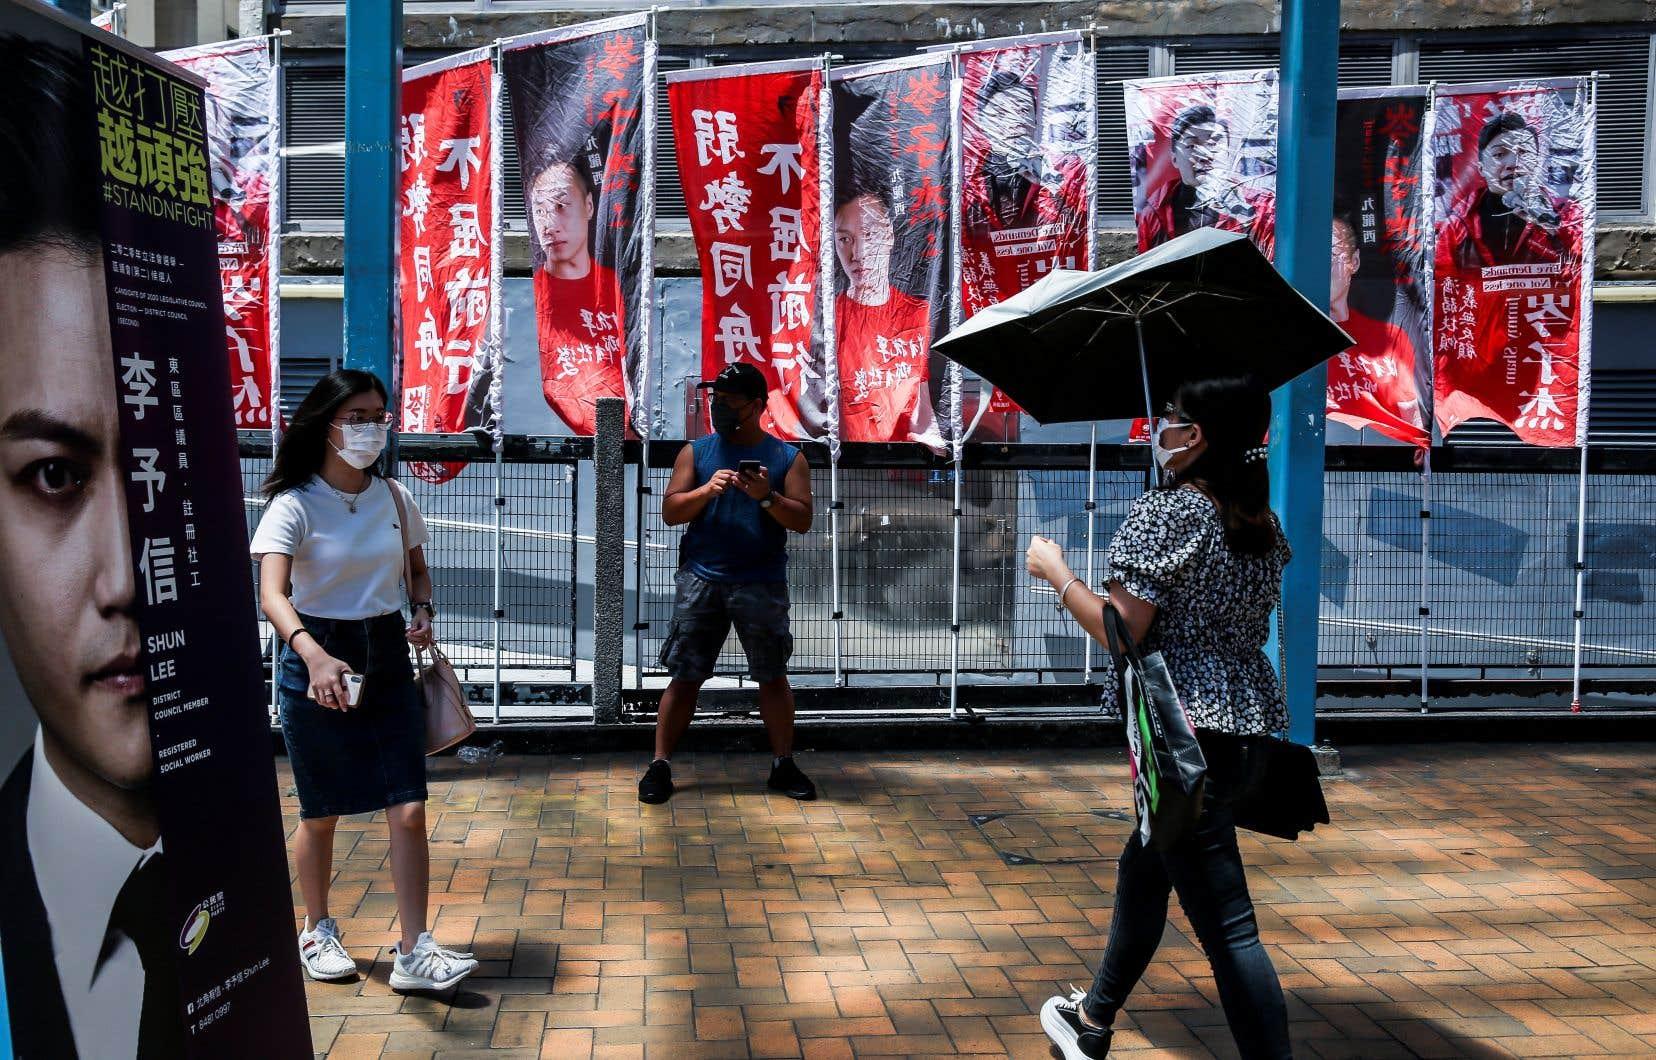 Plus de 600 000 Hongkongais avaient participé mi-juillet aux primaires organisées par le camp prodémocratie dans cette ville de 7,5 millions d'habitants.